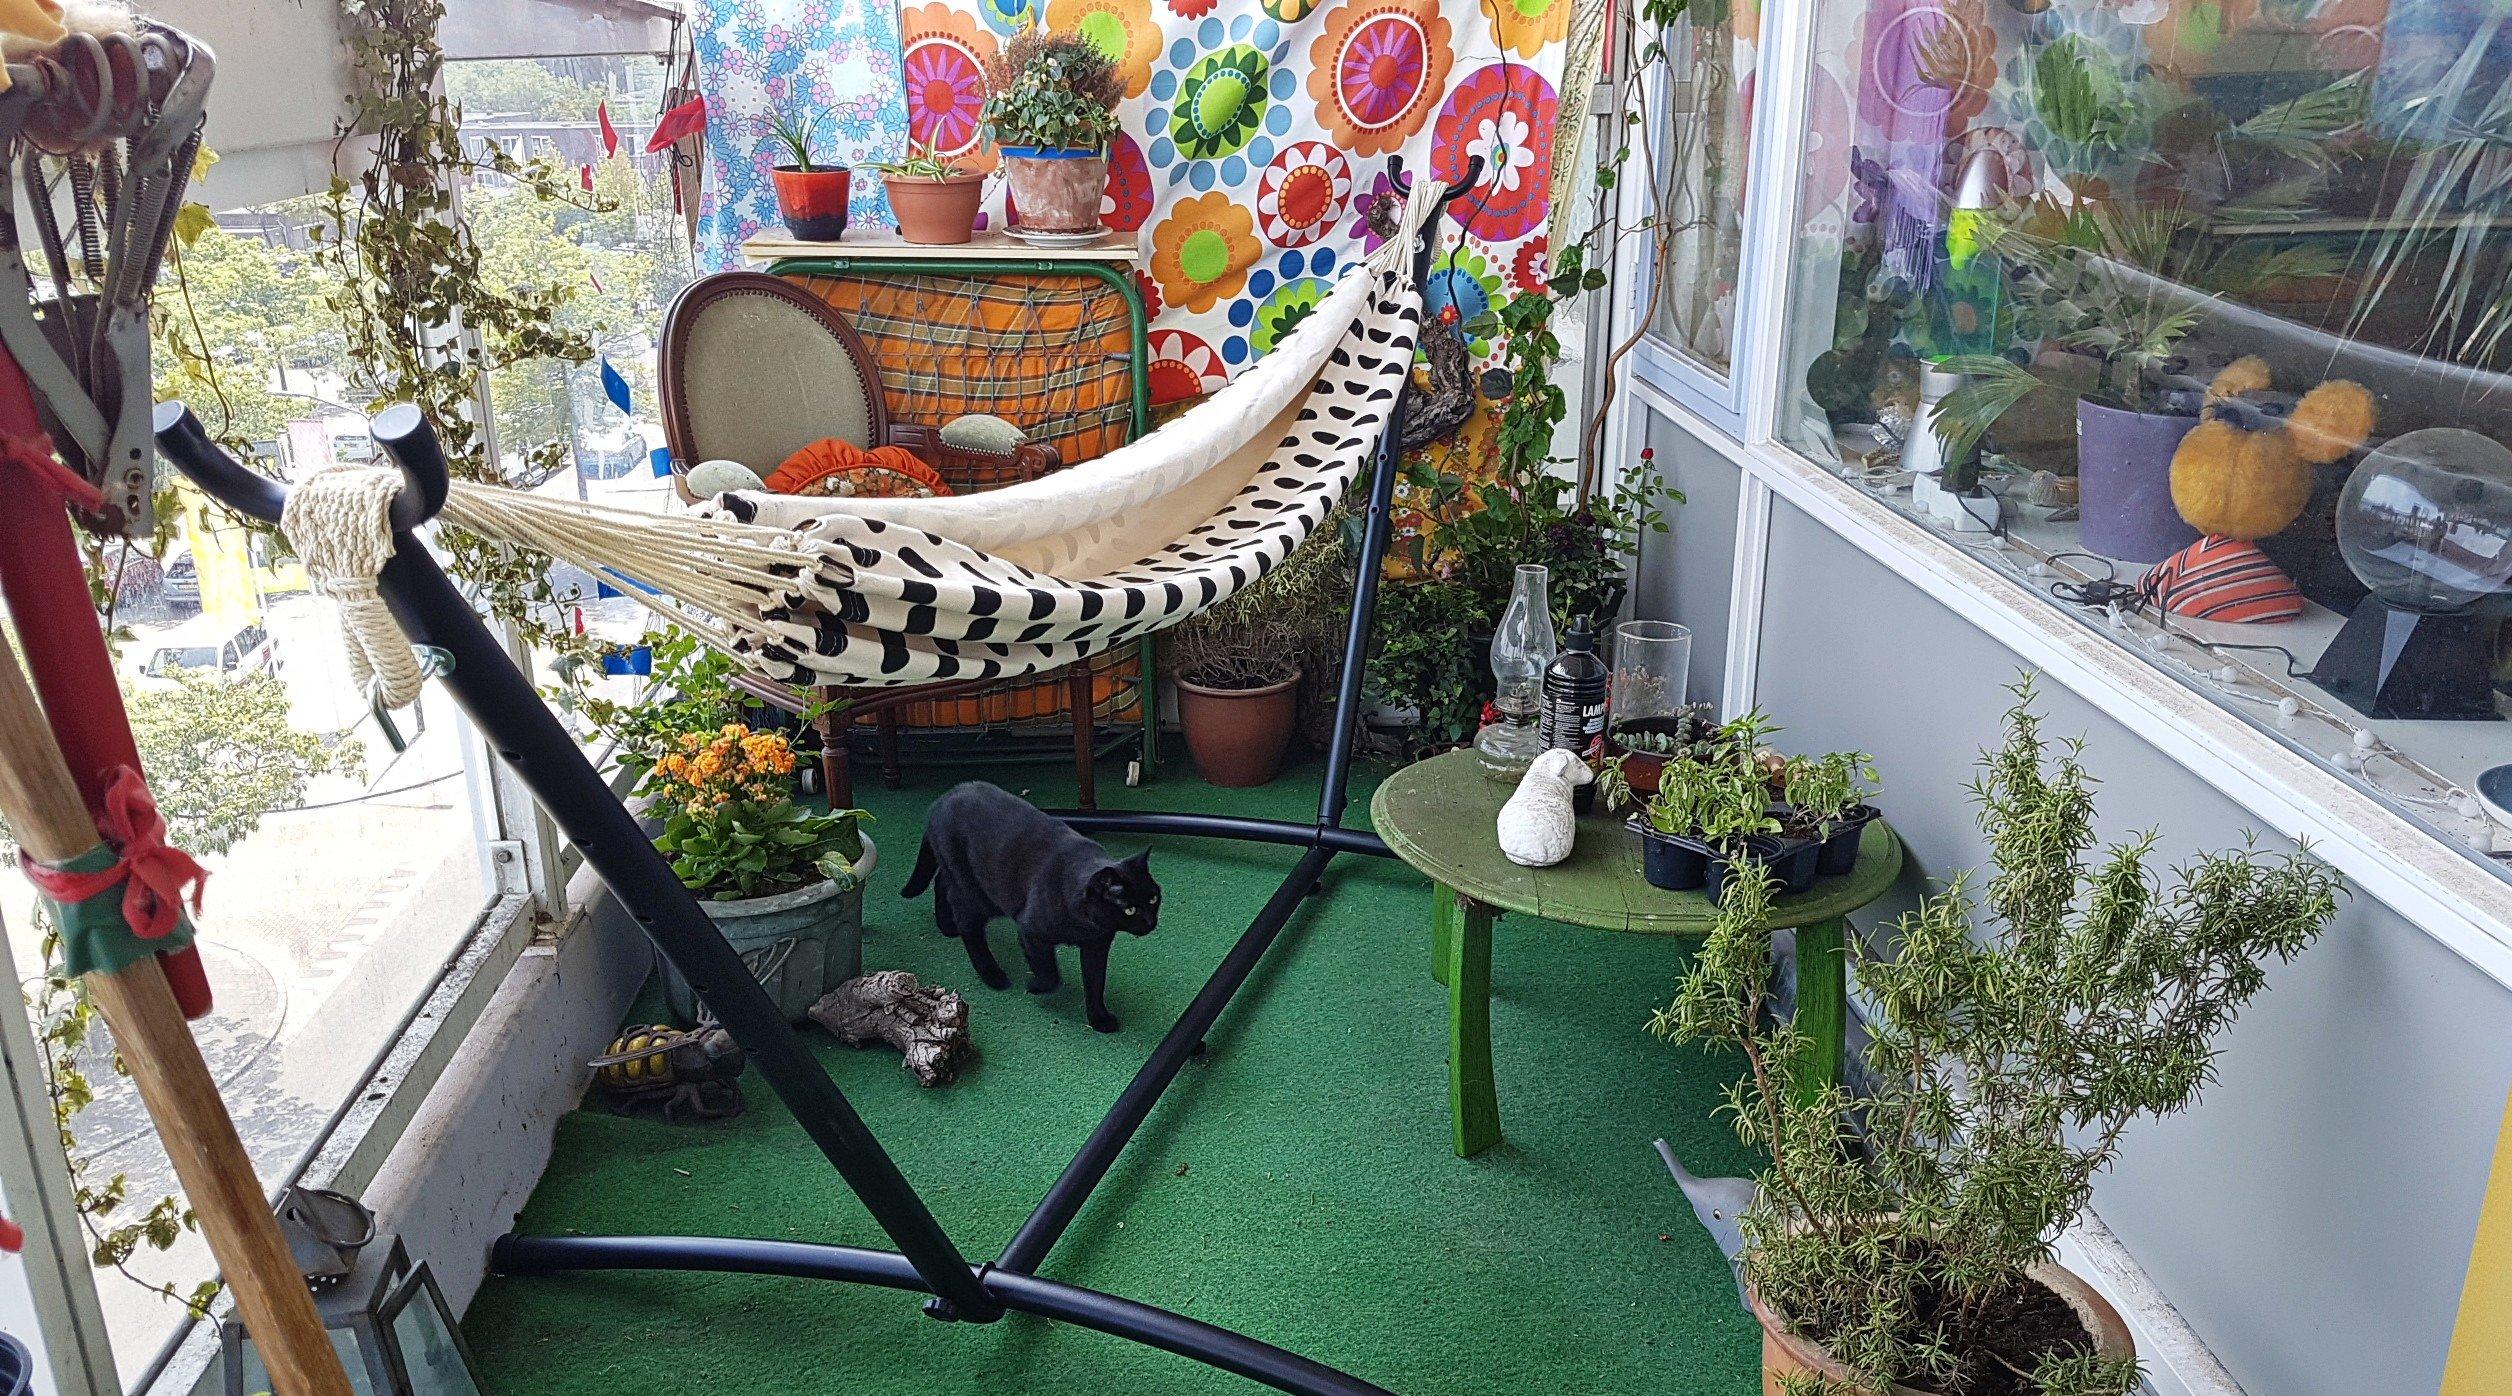 Hangmat Op Balkon : Hangmat hammock u leonies paradijs